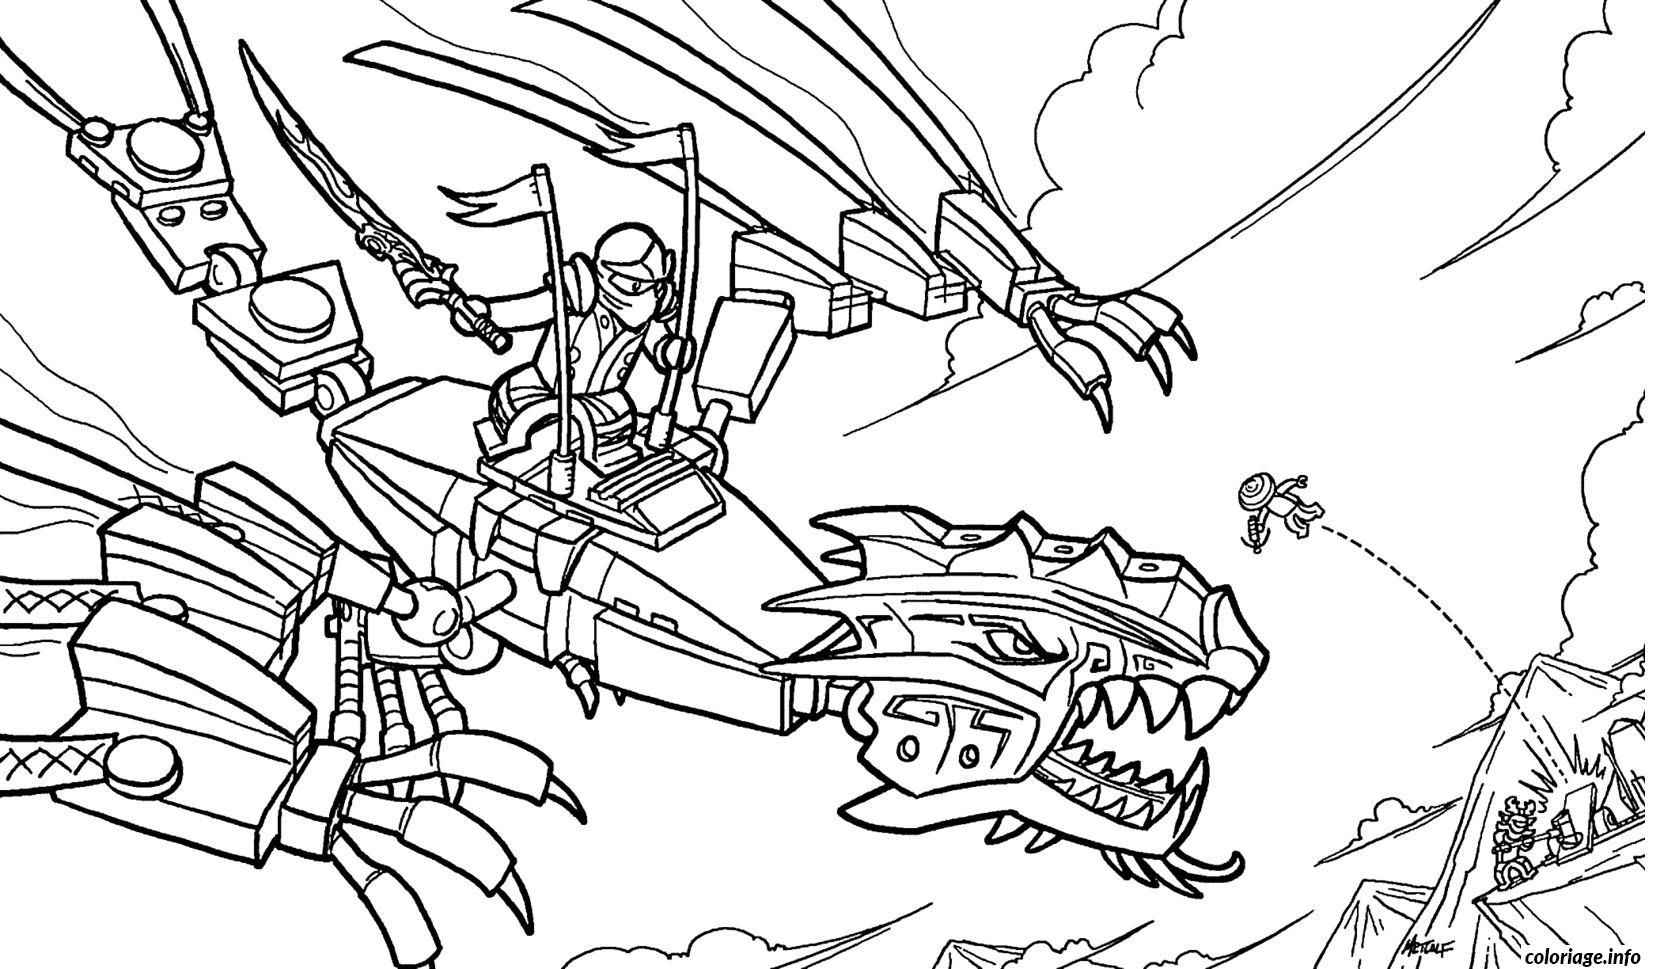 Coloriage Ninjago Sur Un Dragon Ninja Dessin